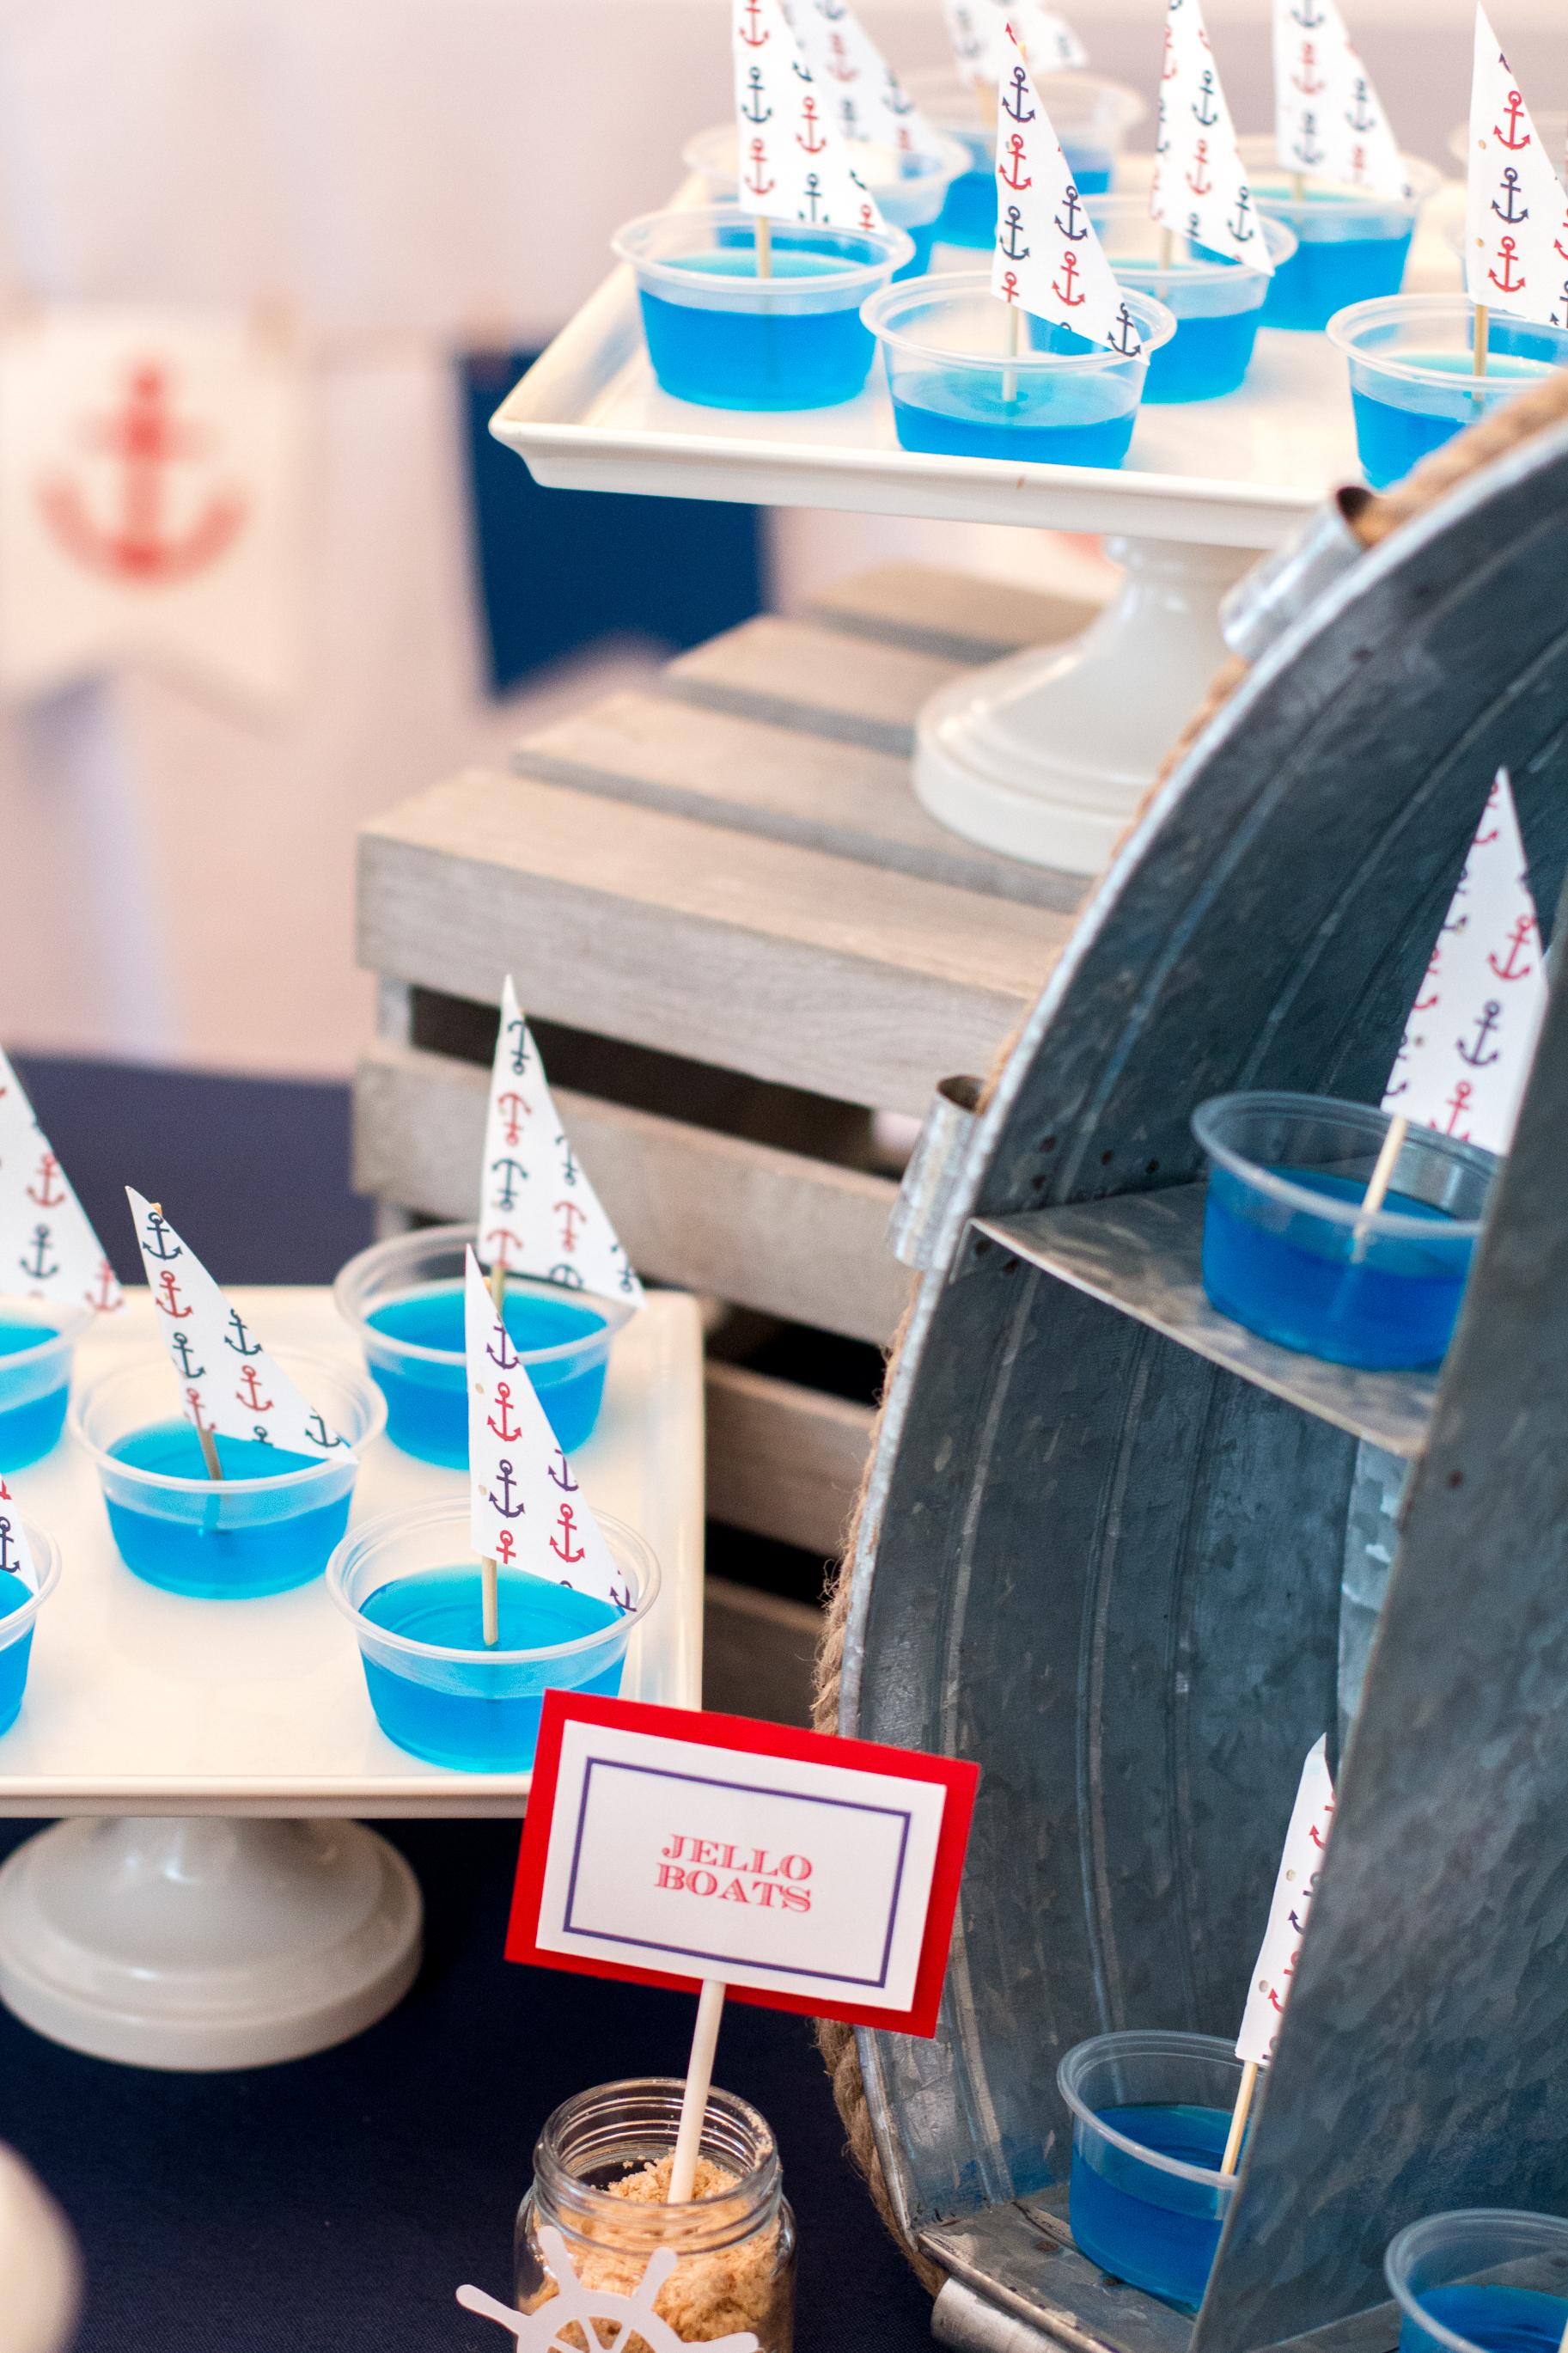 jello-boats